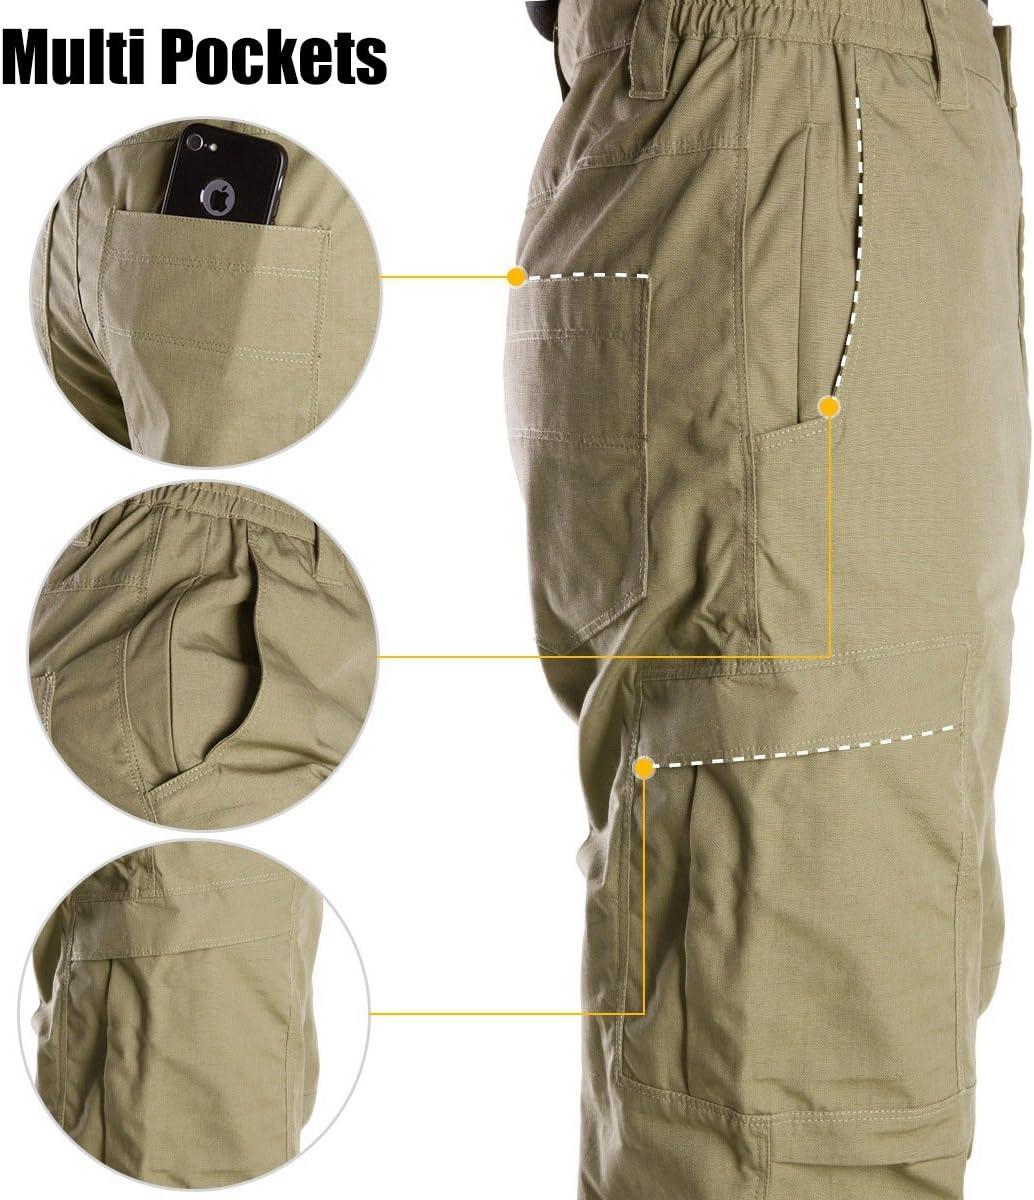 FREE SOLDIER Pantalon de Plein air /à Poches Multiples pour Hommes Pantalon de Travail en Cargo en t/éflon Pantalon Tactique imperm/éable Randonn/ée Pantalon descalade